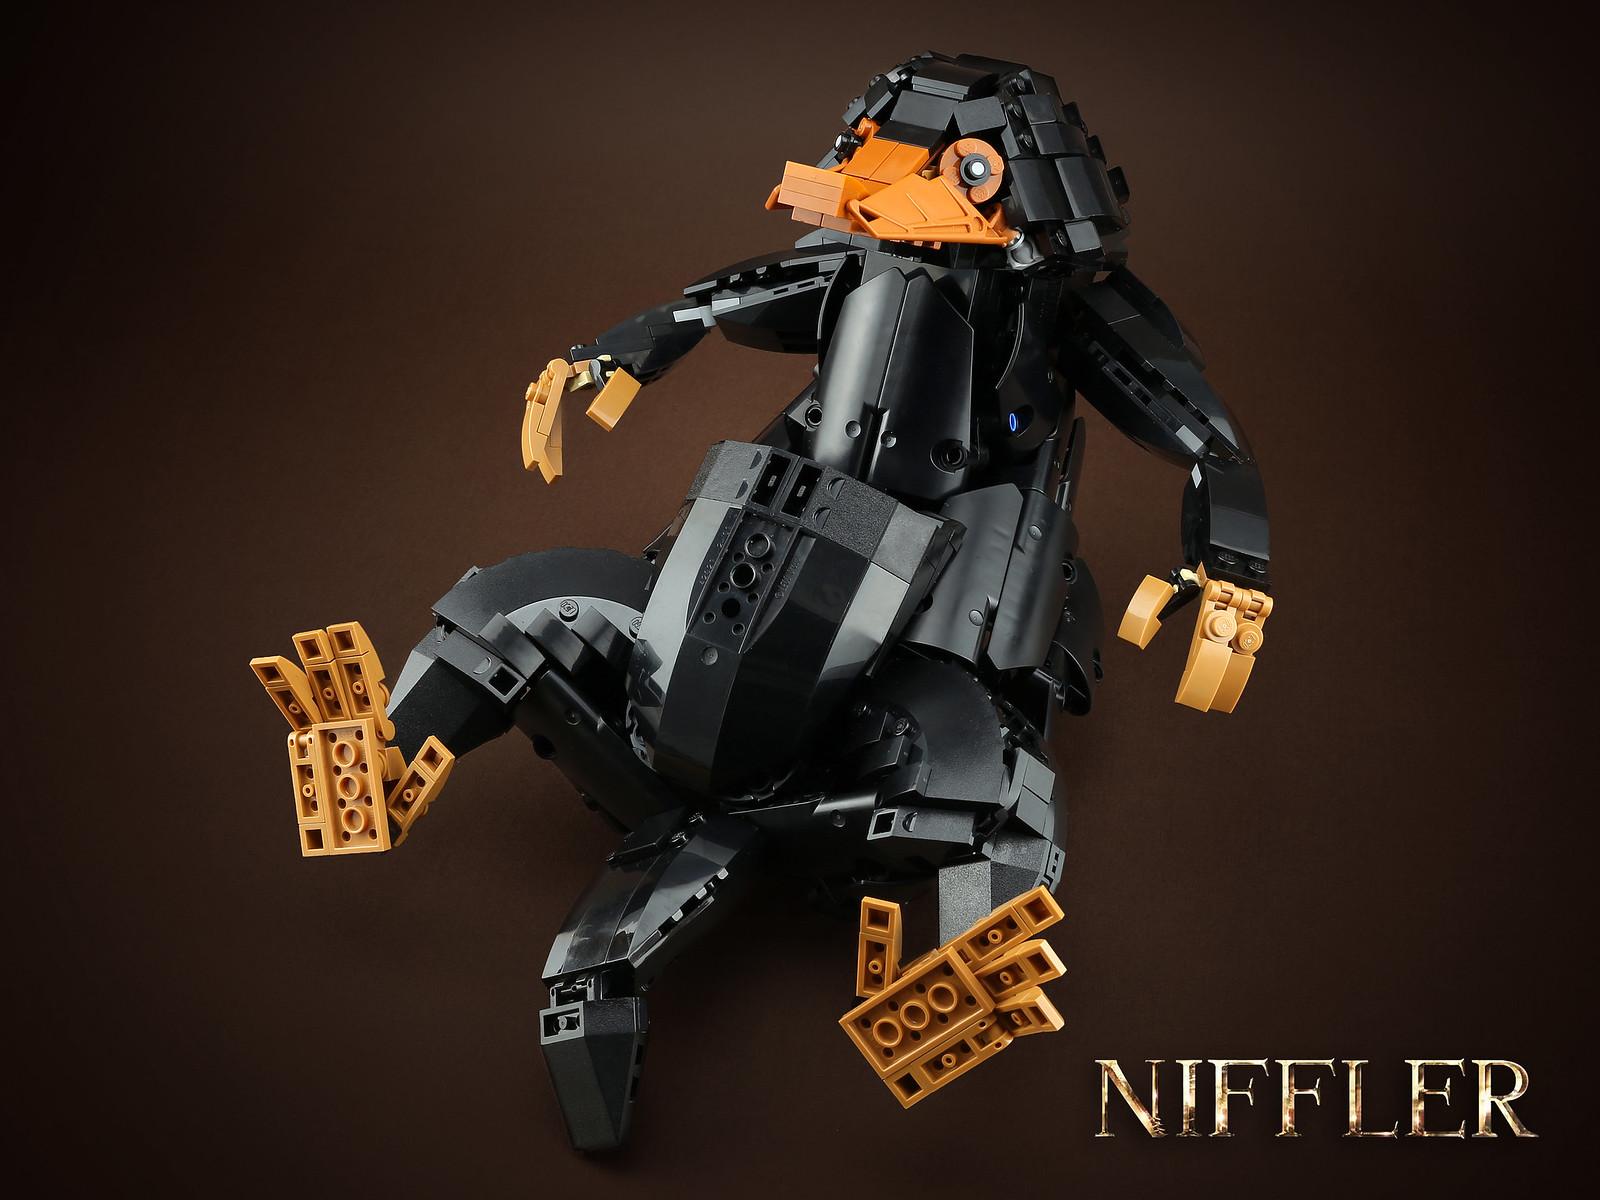 лего саморобка фантастичні звірі ніффлер